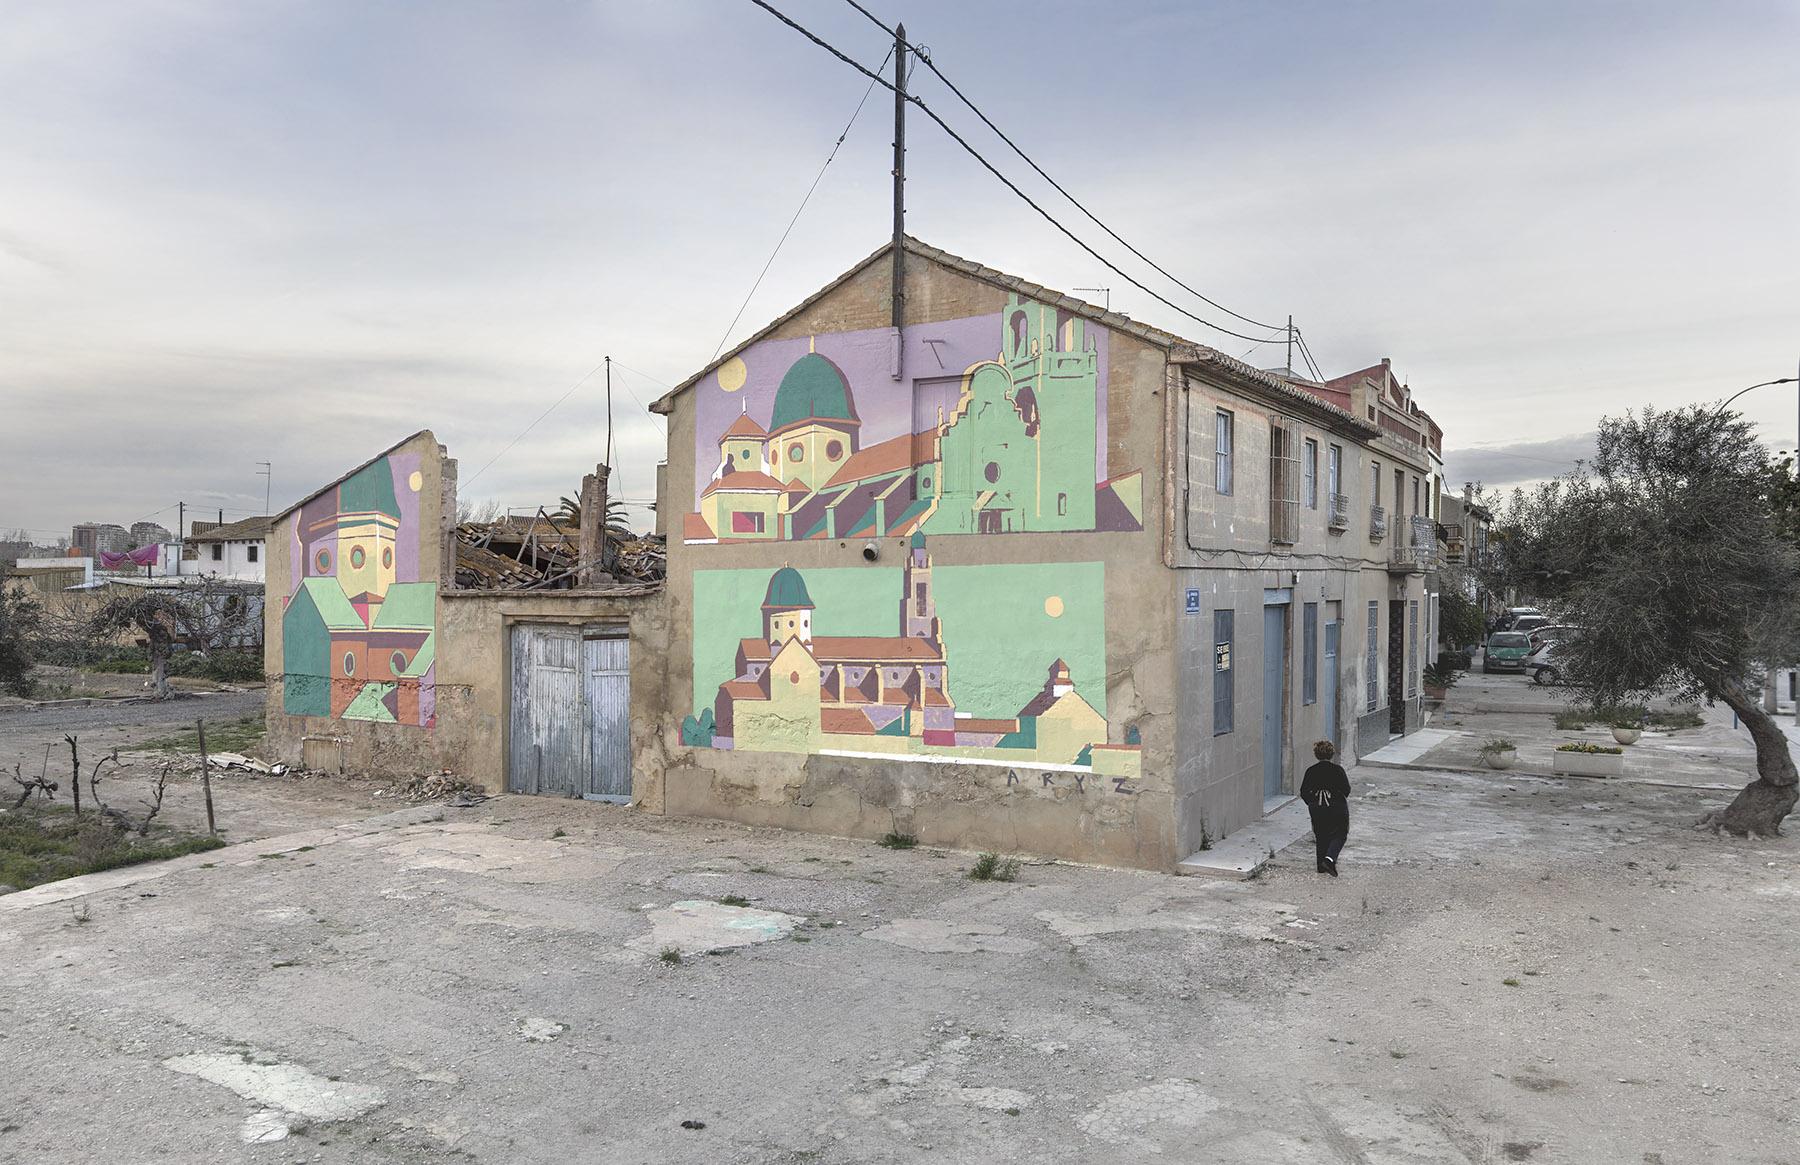 la Punta (2018 03 La Punta Valencia.jpg)